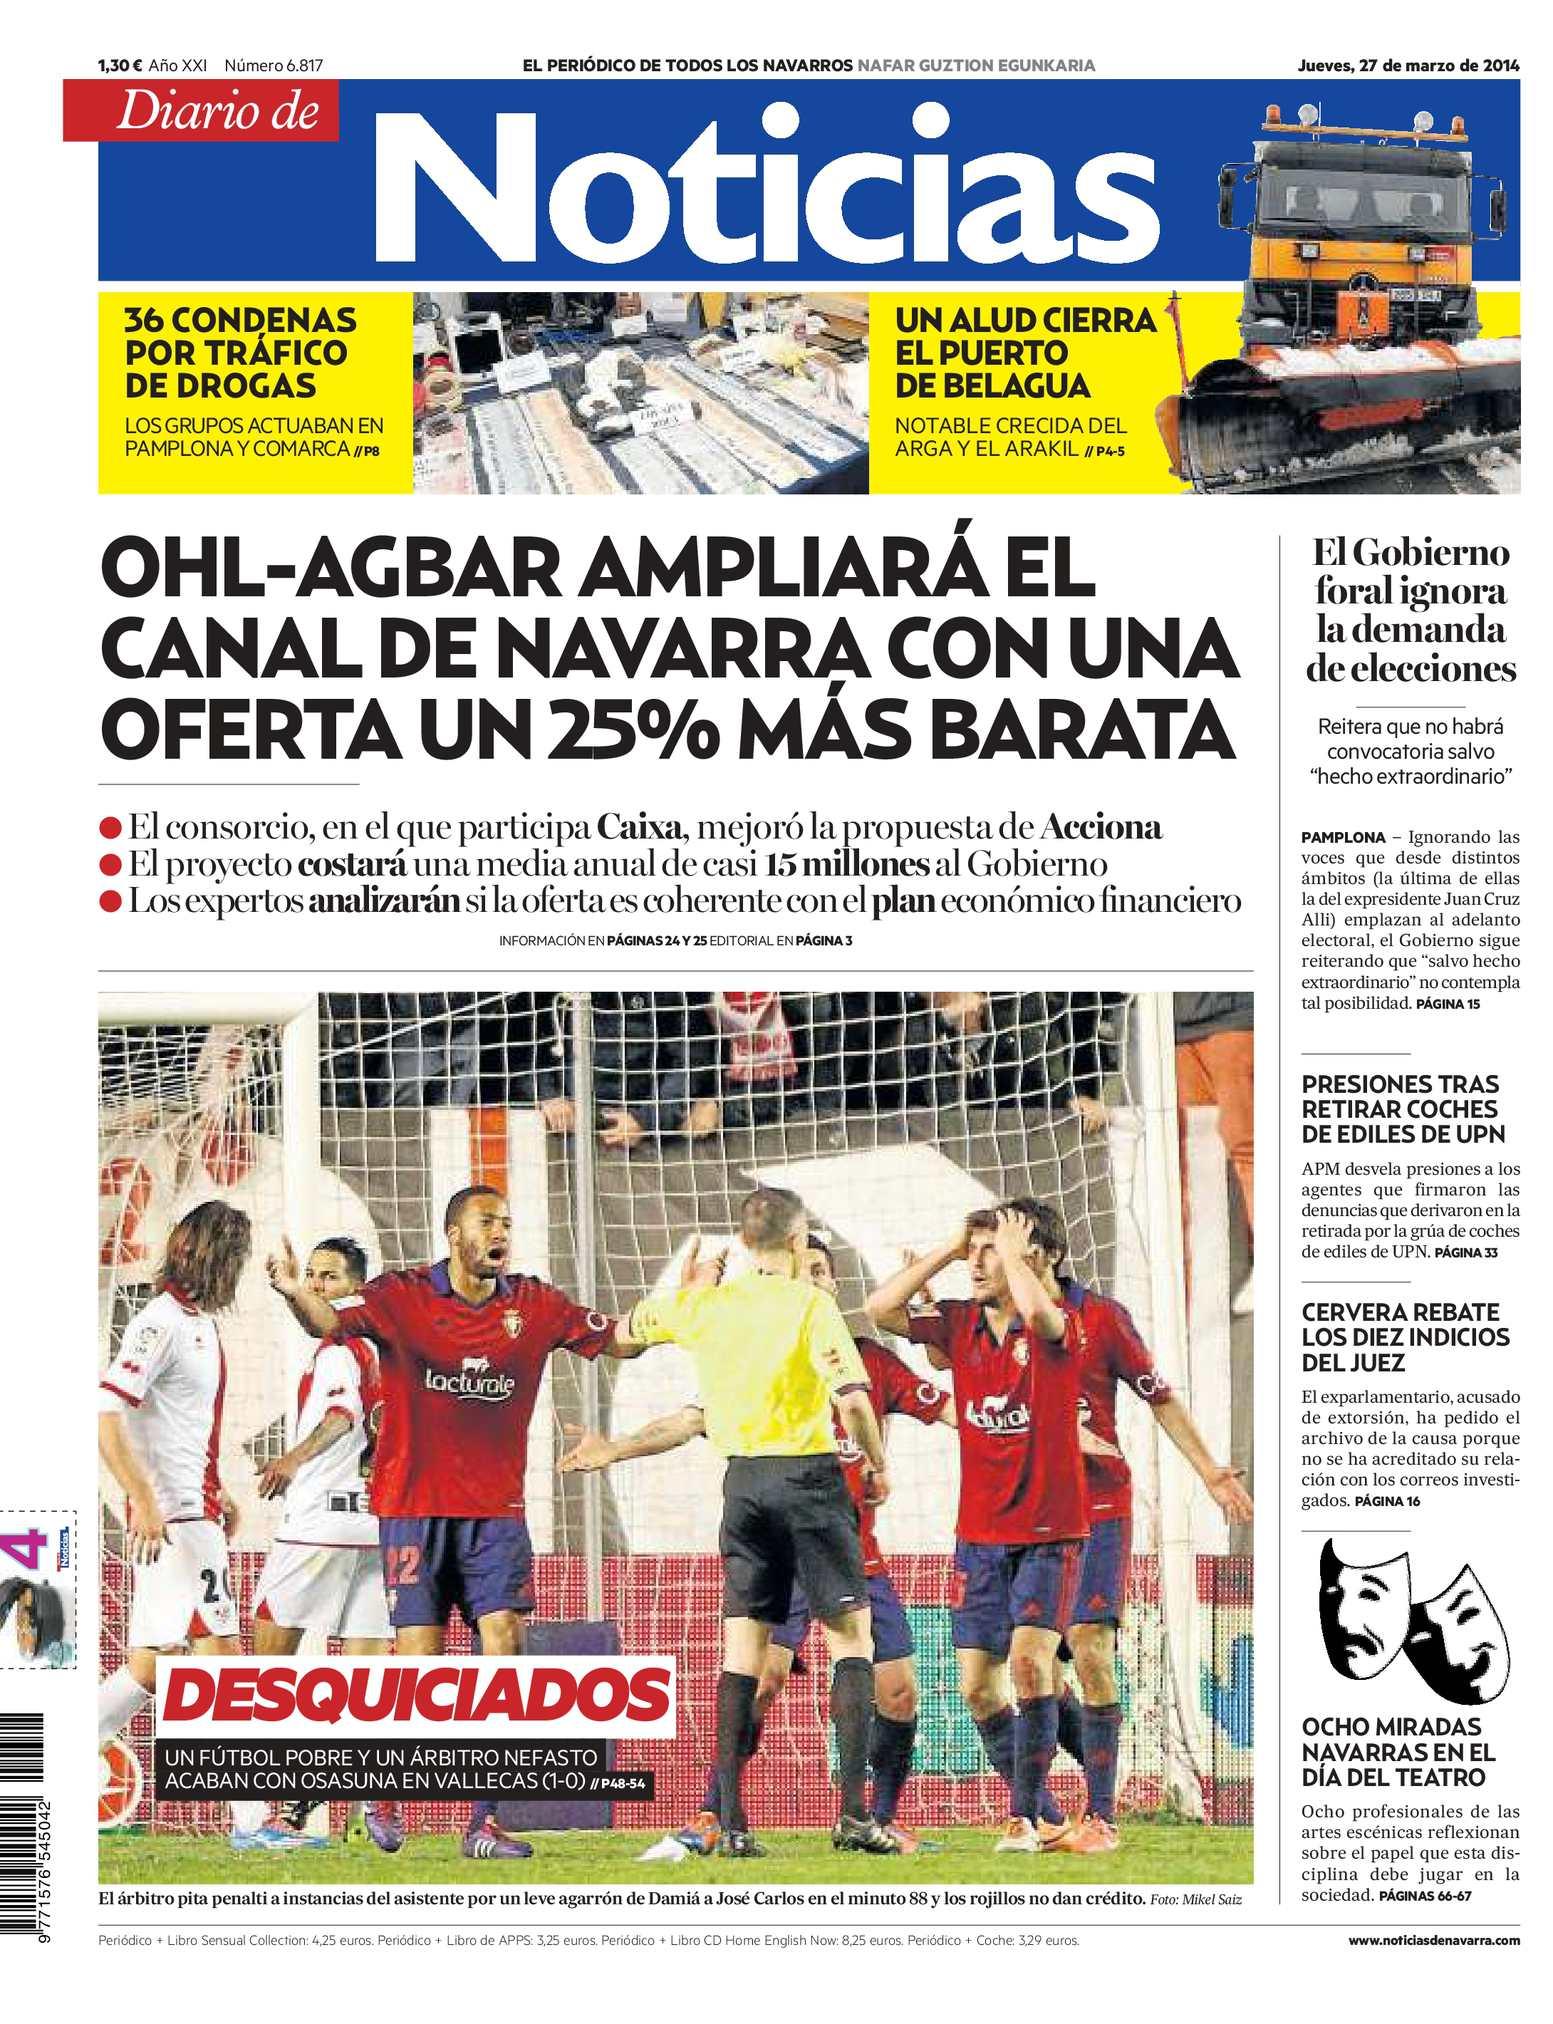 Calaméo - Diario de Noticias 20140327